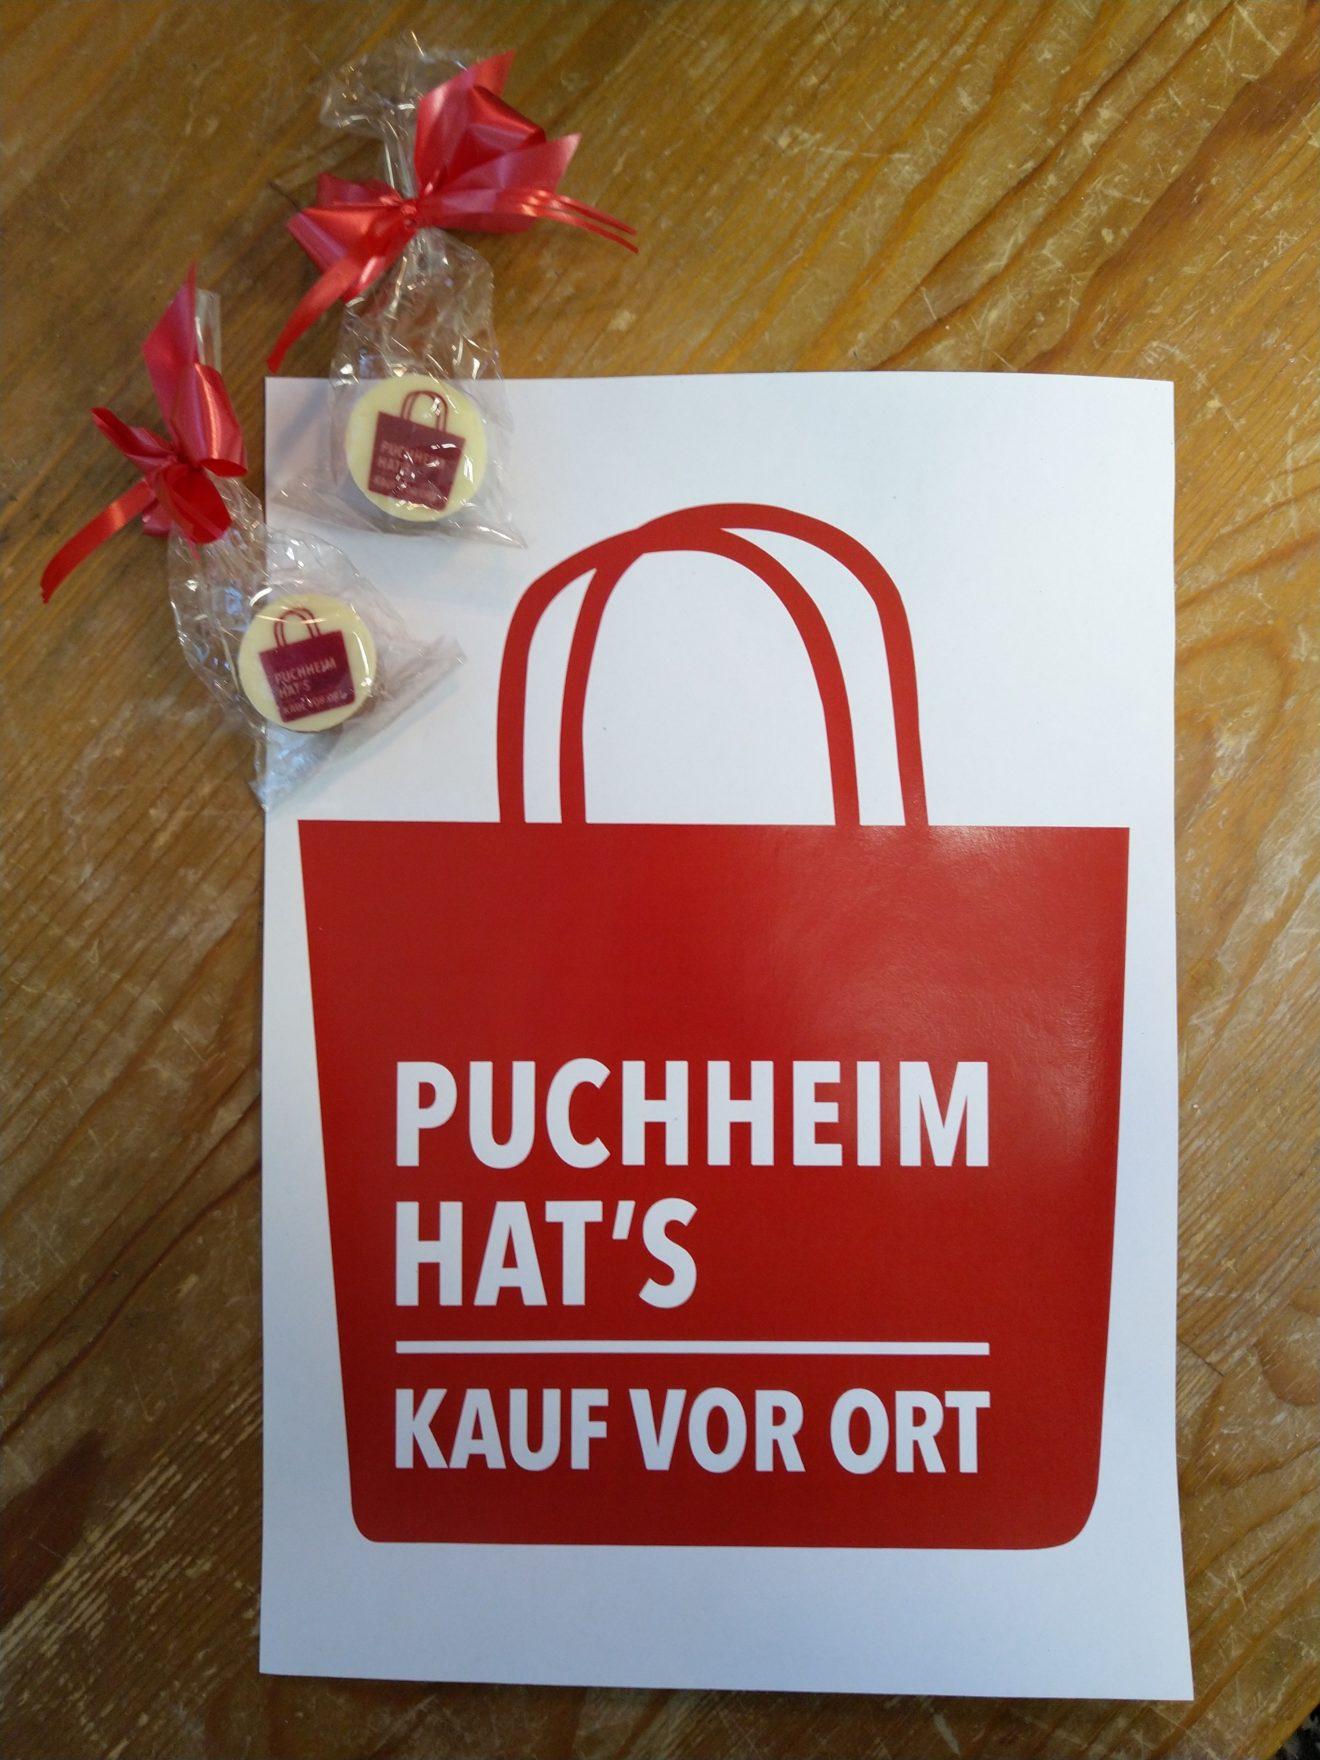 03puchheimhats